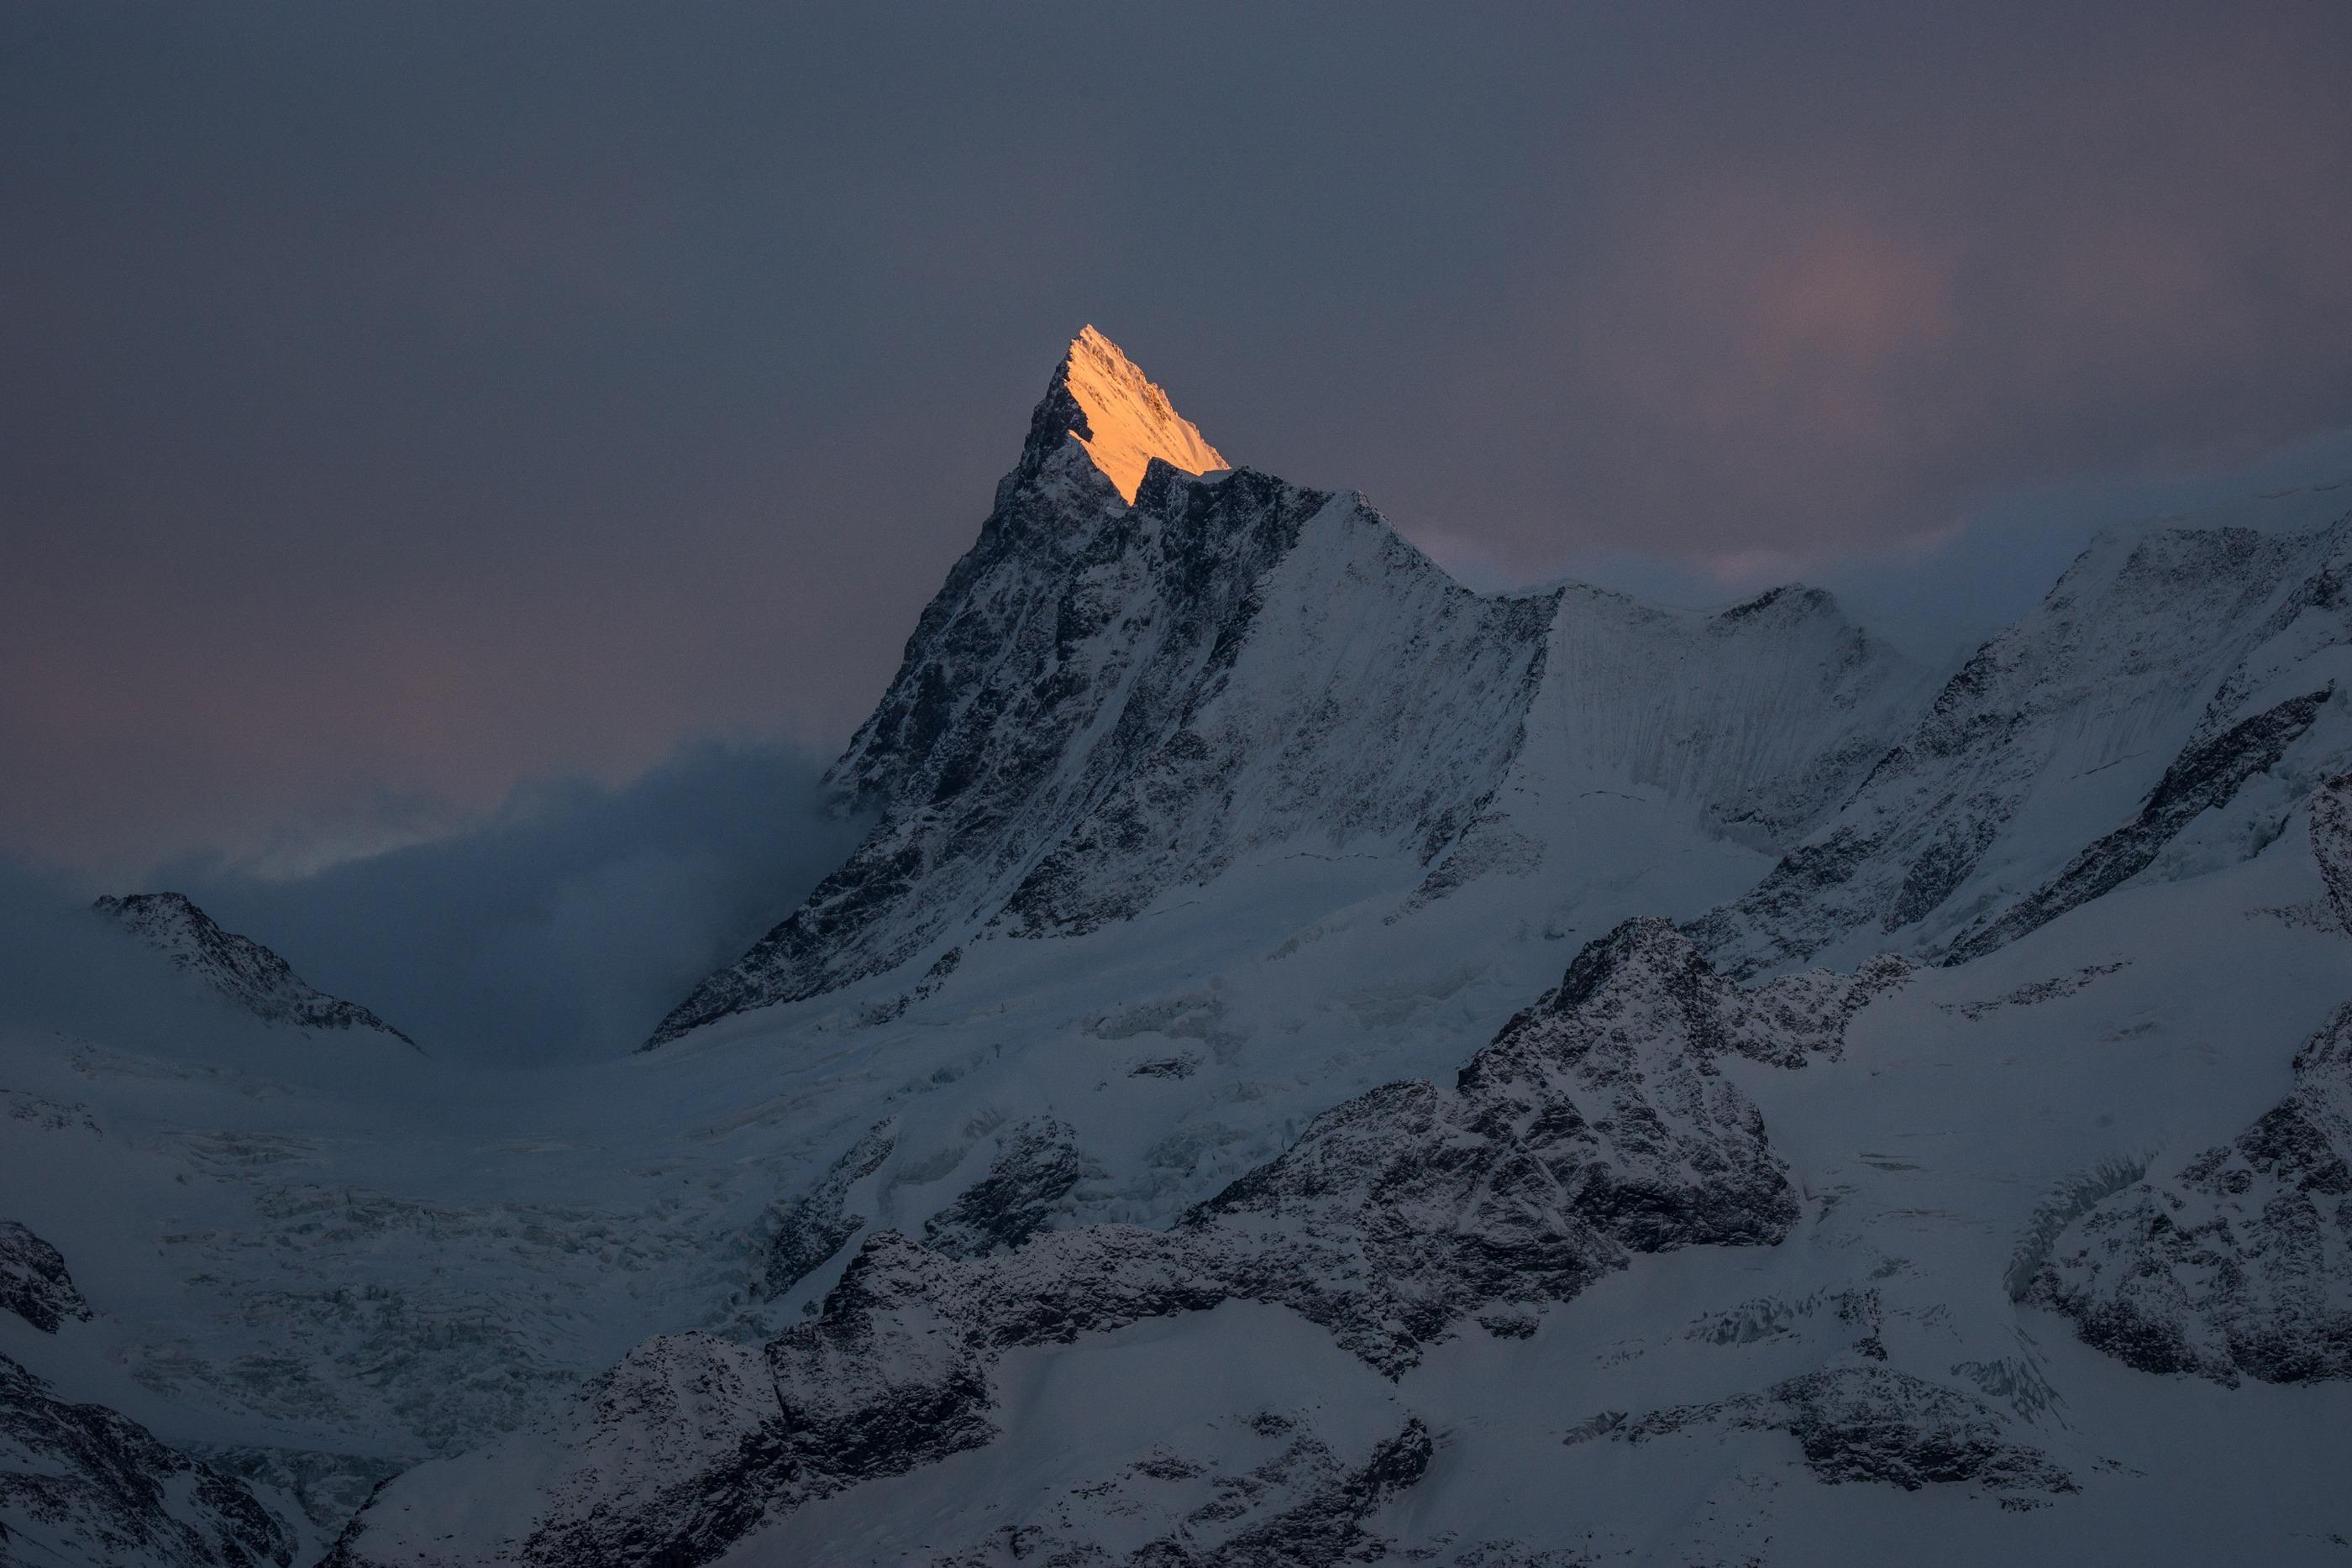 Alpenglühen am Finsteraarhorn